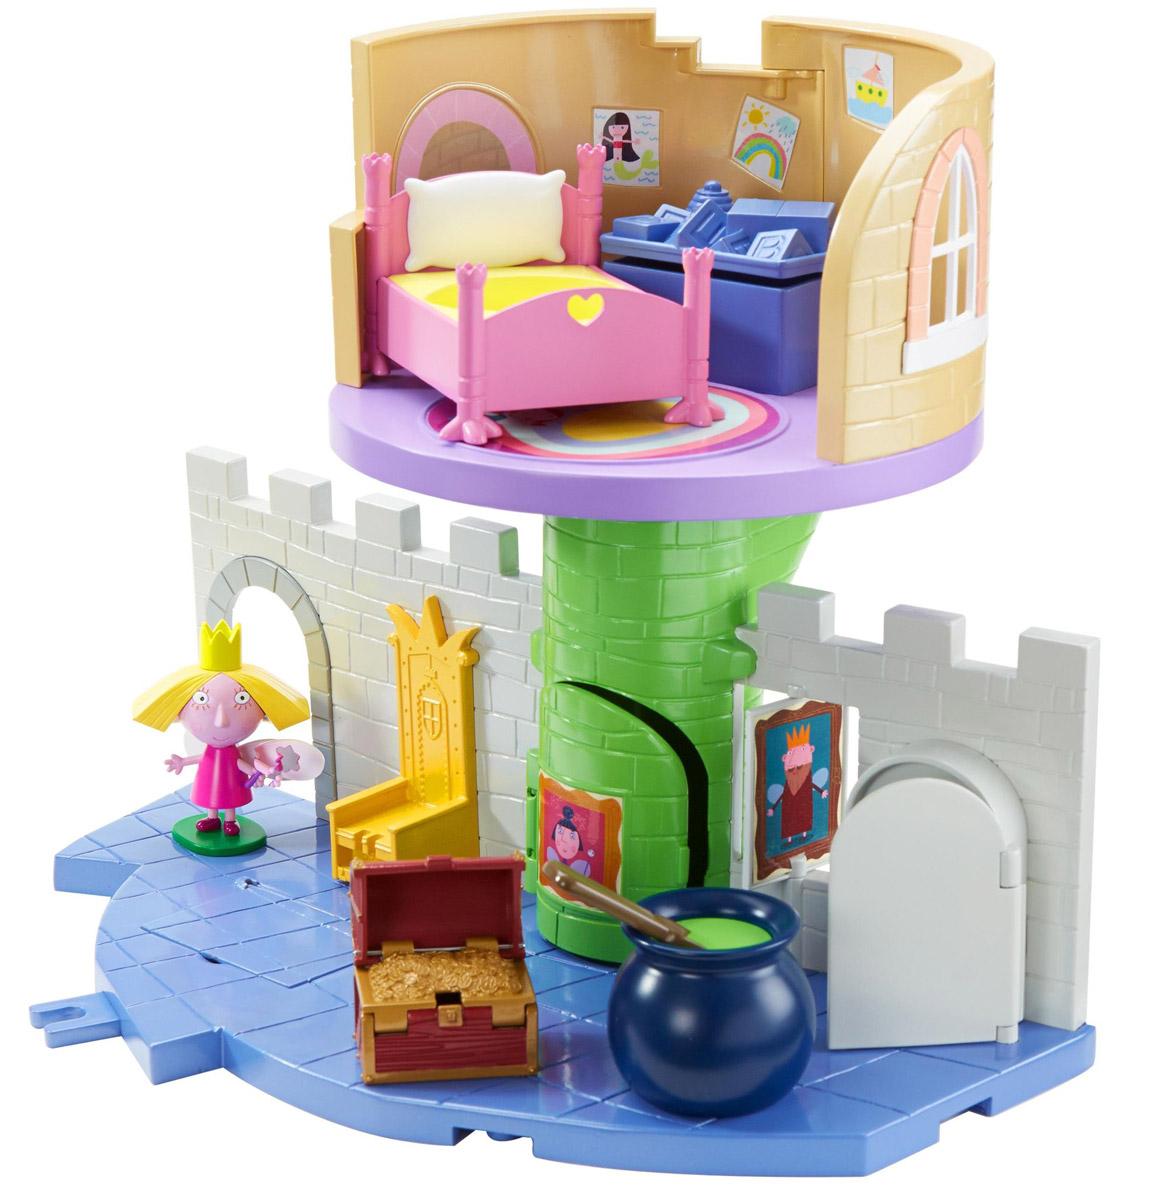 Ben&Holly Дом для кукол Волшебный замок30979Специально для маленьких поклонниц мультфильма Волшебное королевство Бена и Холли создан домик для кукол Волшебный замок. Принцесса Холли приглашает малышей поиграть в ее волшебном замке, где каждый предмет окутан магией. Королевский трон двигается вверх-вниз, погреб открывается и превращается в книгу заклинаний, а сундук с золотом имеет тайник. Откройте крышку ящика с игрушками на втором этаже, опустите туда Холли, и она, скатившись по тайному ходу, появится у входа в башню. Поверните ручку в котле с зельем, и наблюдайте, как автоматически открывается дверь холодильника и переворачивается картина на стене. В волшебном замке играть так увлекательно. Для успешного обучения волшебству здесь есть все, что нужно: замок, фигурка Холли на подставке, кроватка, сундук с тайником. Фигурка и все детали замка выполнены из качественного безопасного пластика. Ножки, ручки и голова у фигурки подвижны, а сзади фигурки прикреплены прозрачные крылышки.